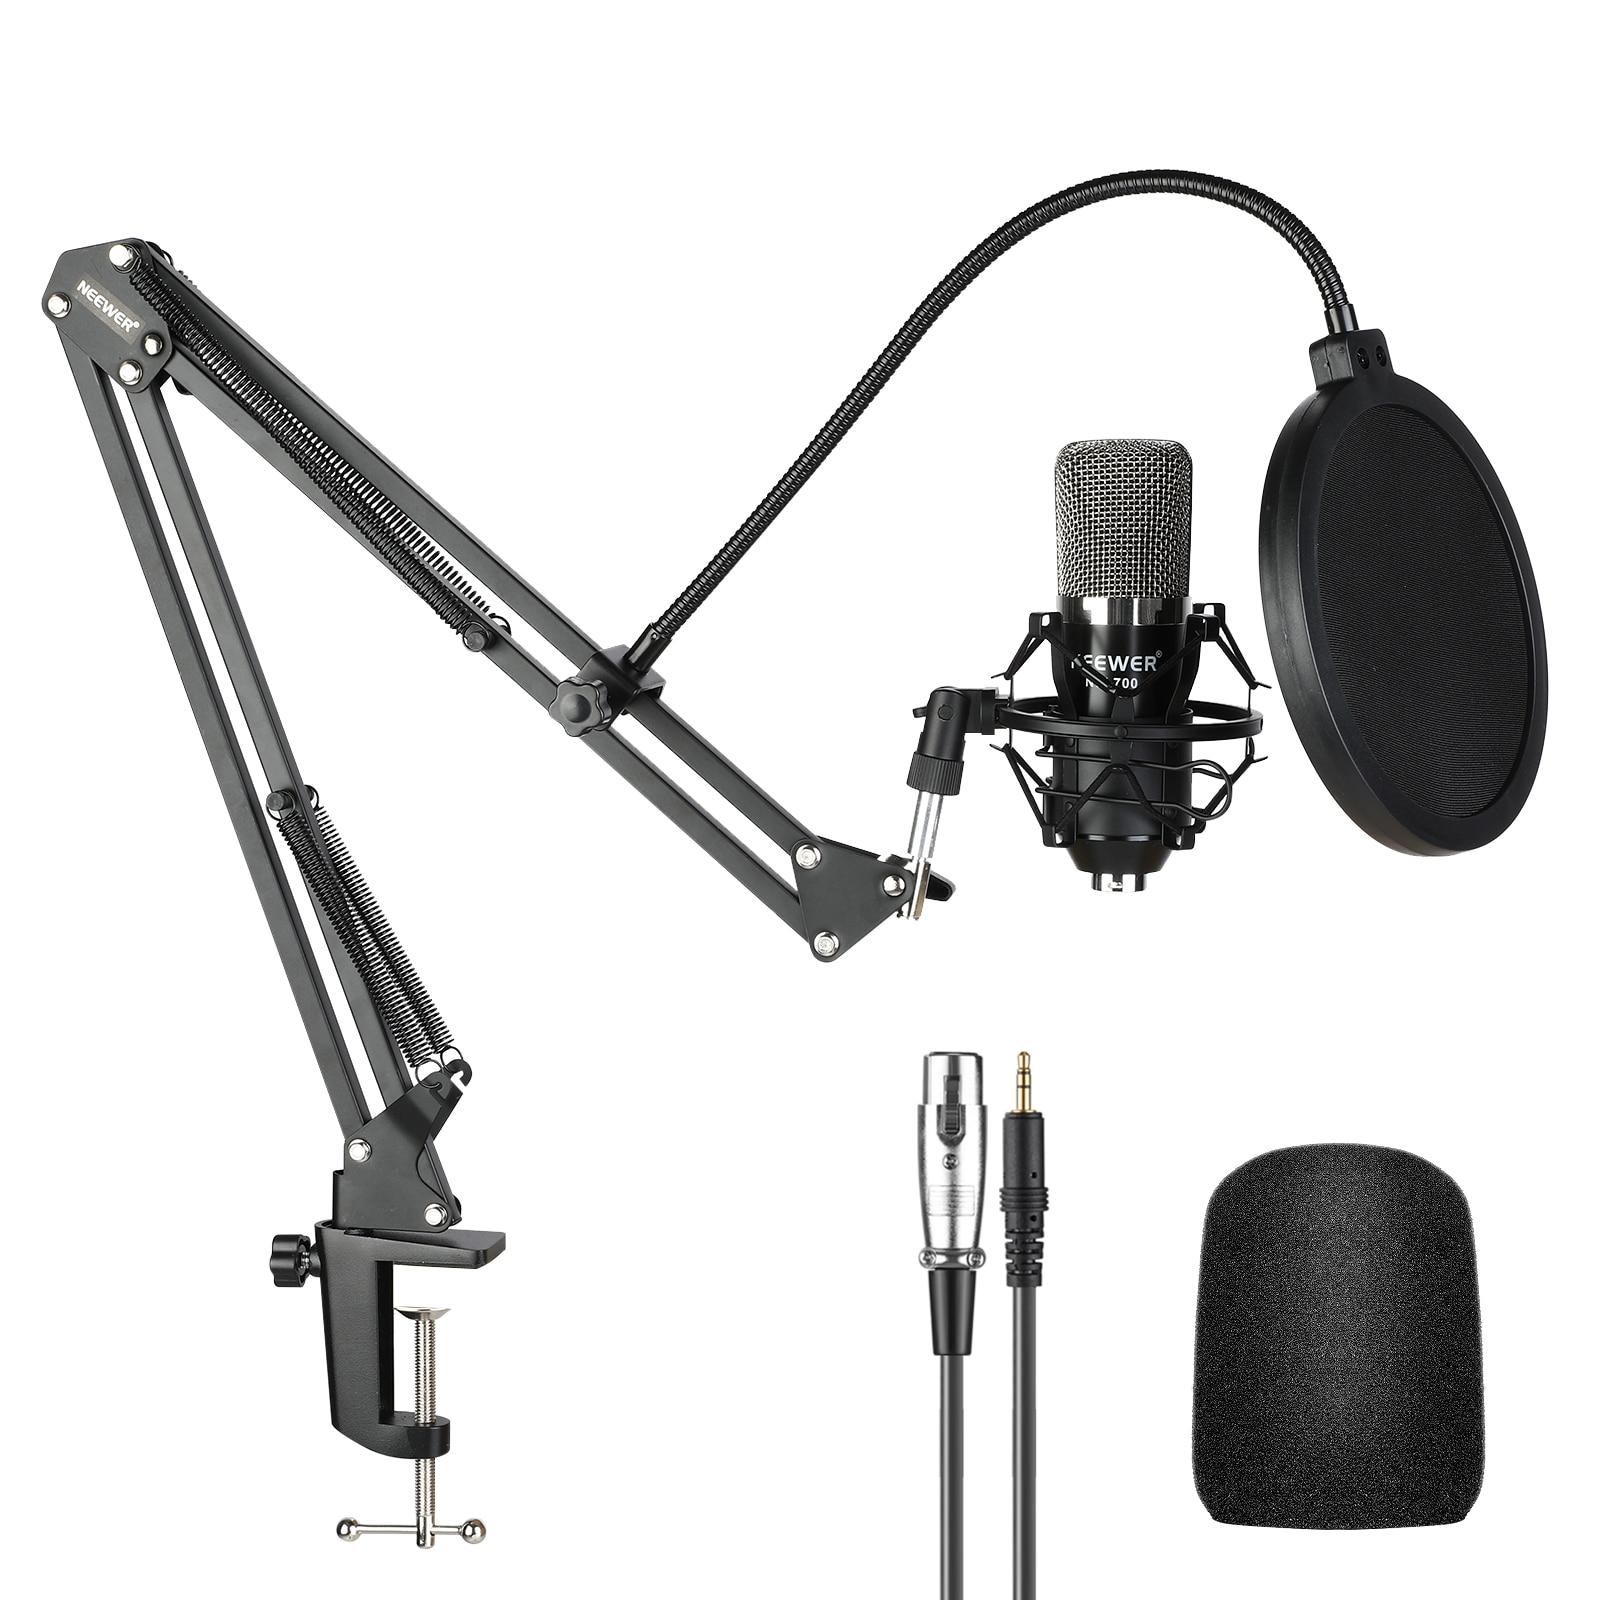 Neewer NW-700 estúdio condensador microfone kit para pc karaoke youtube gravação de transmissão profissional mikrofon com suporte